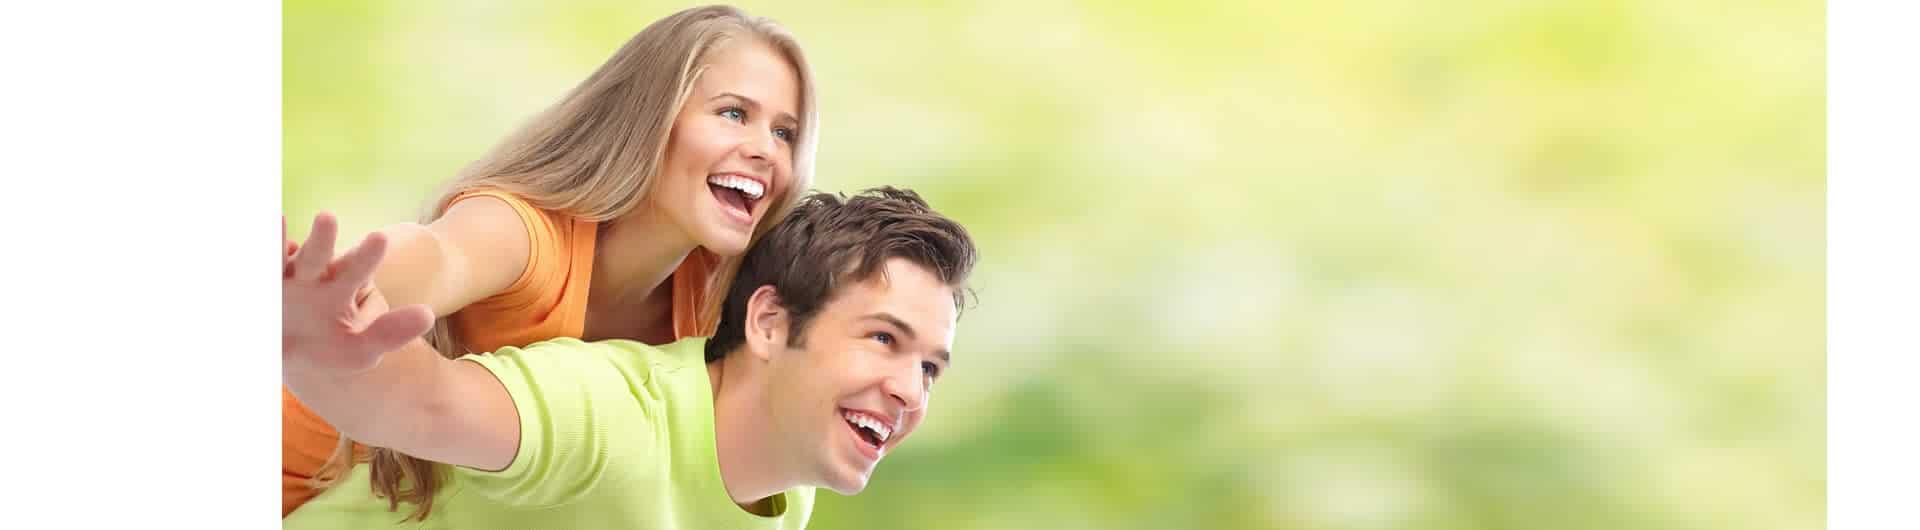 Direkte Leben Zahnzusatzversicherung